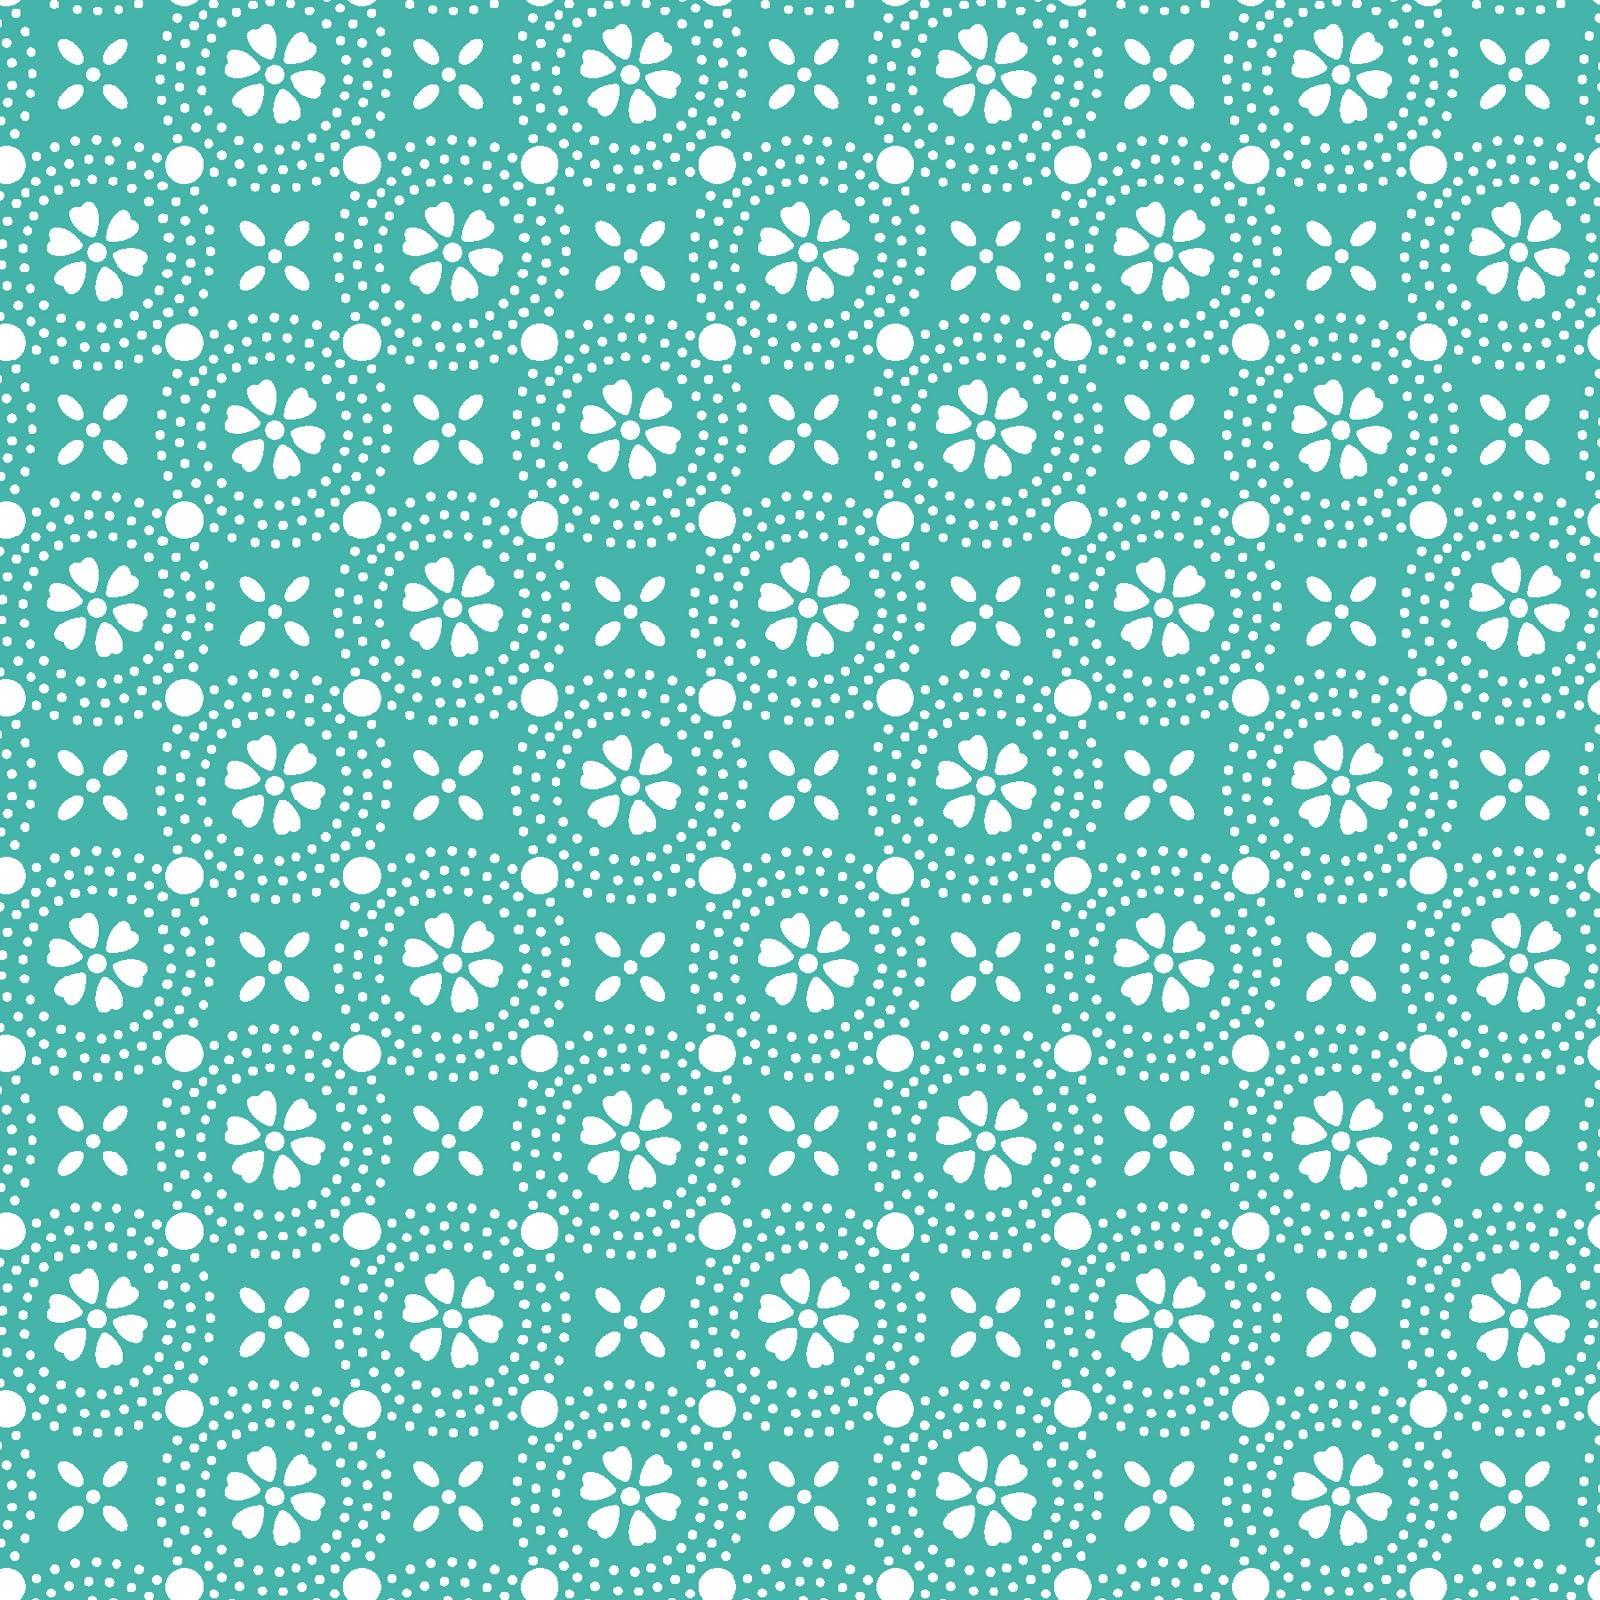 KimberBell Basic - Dotted Circles